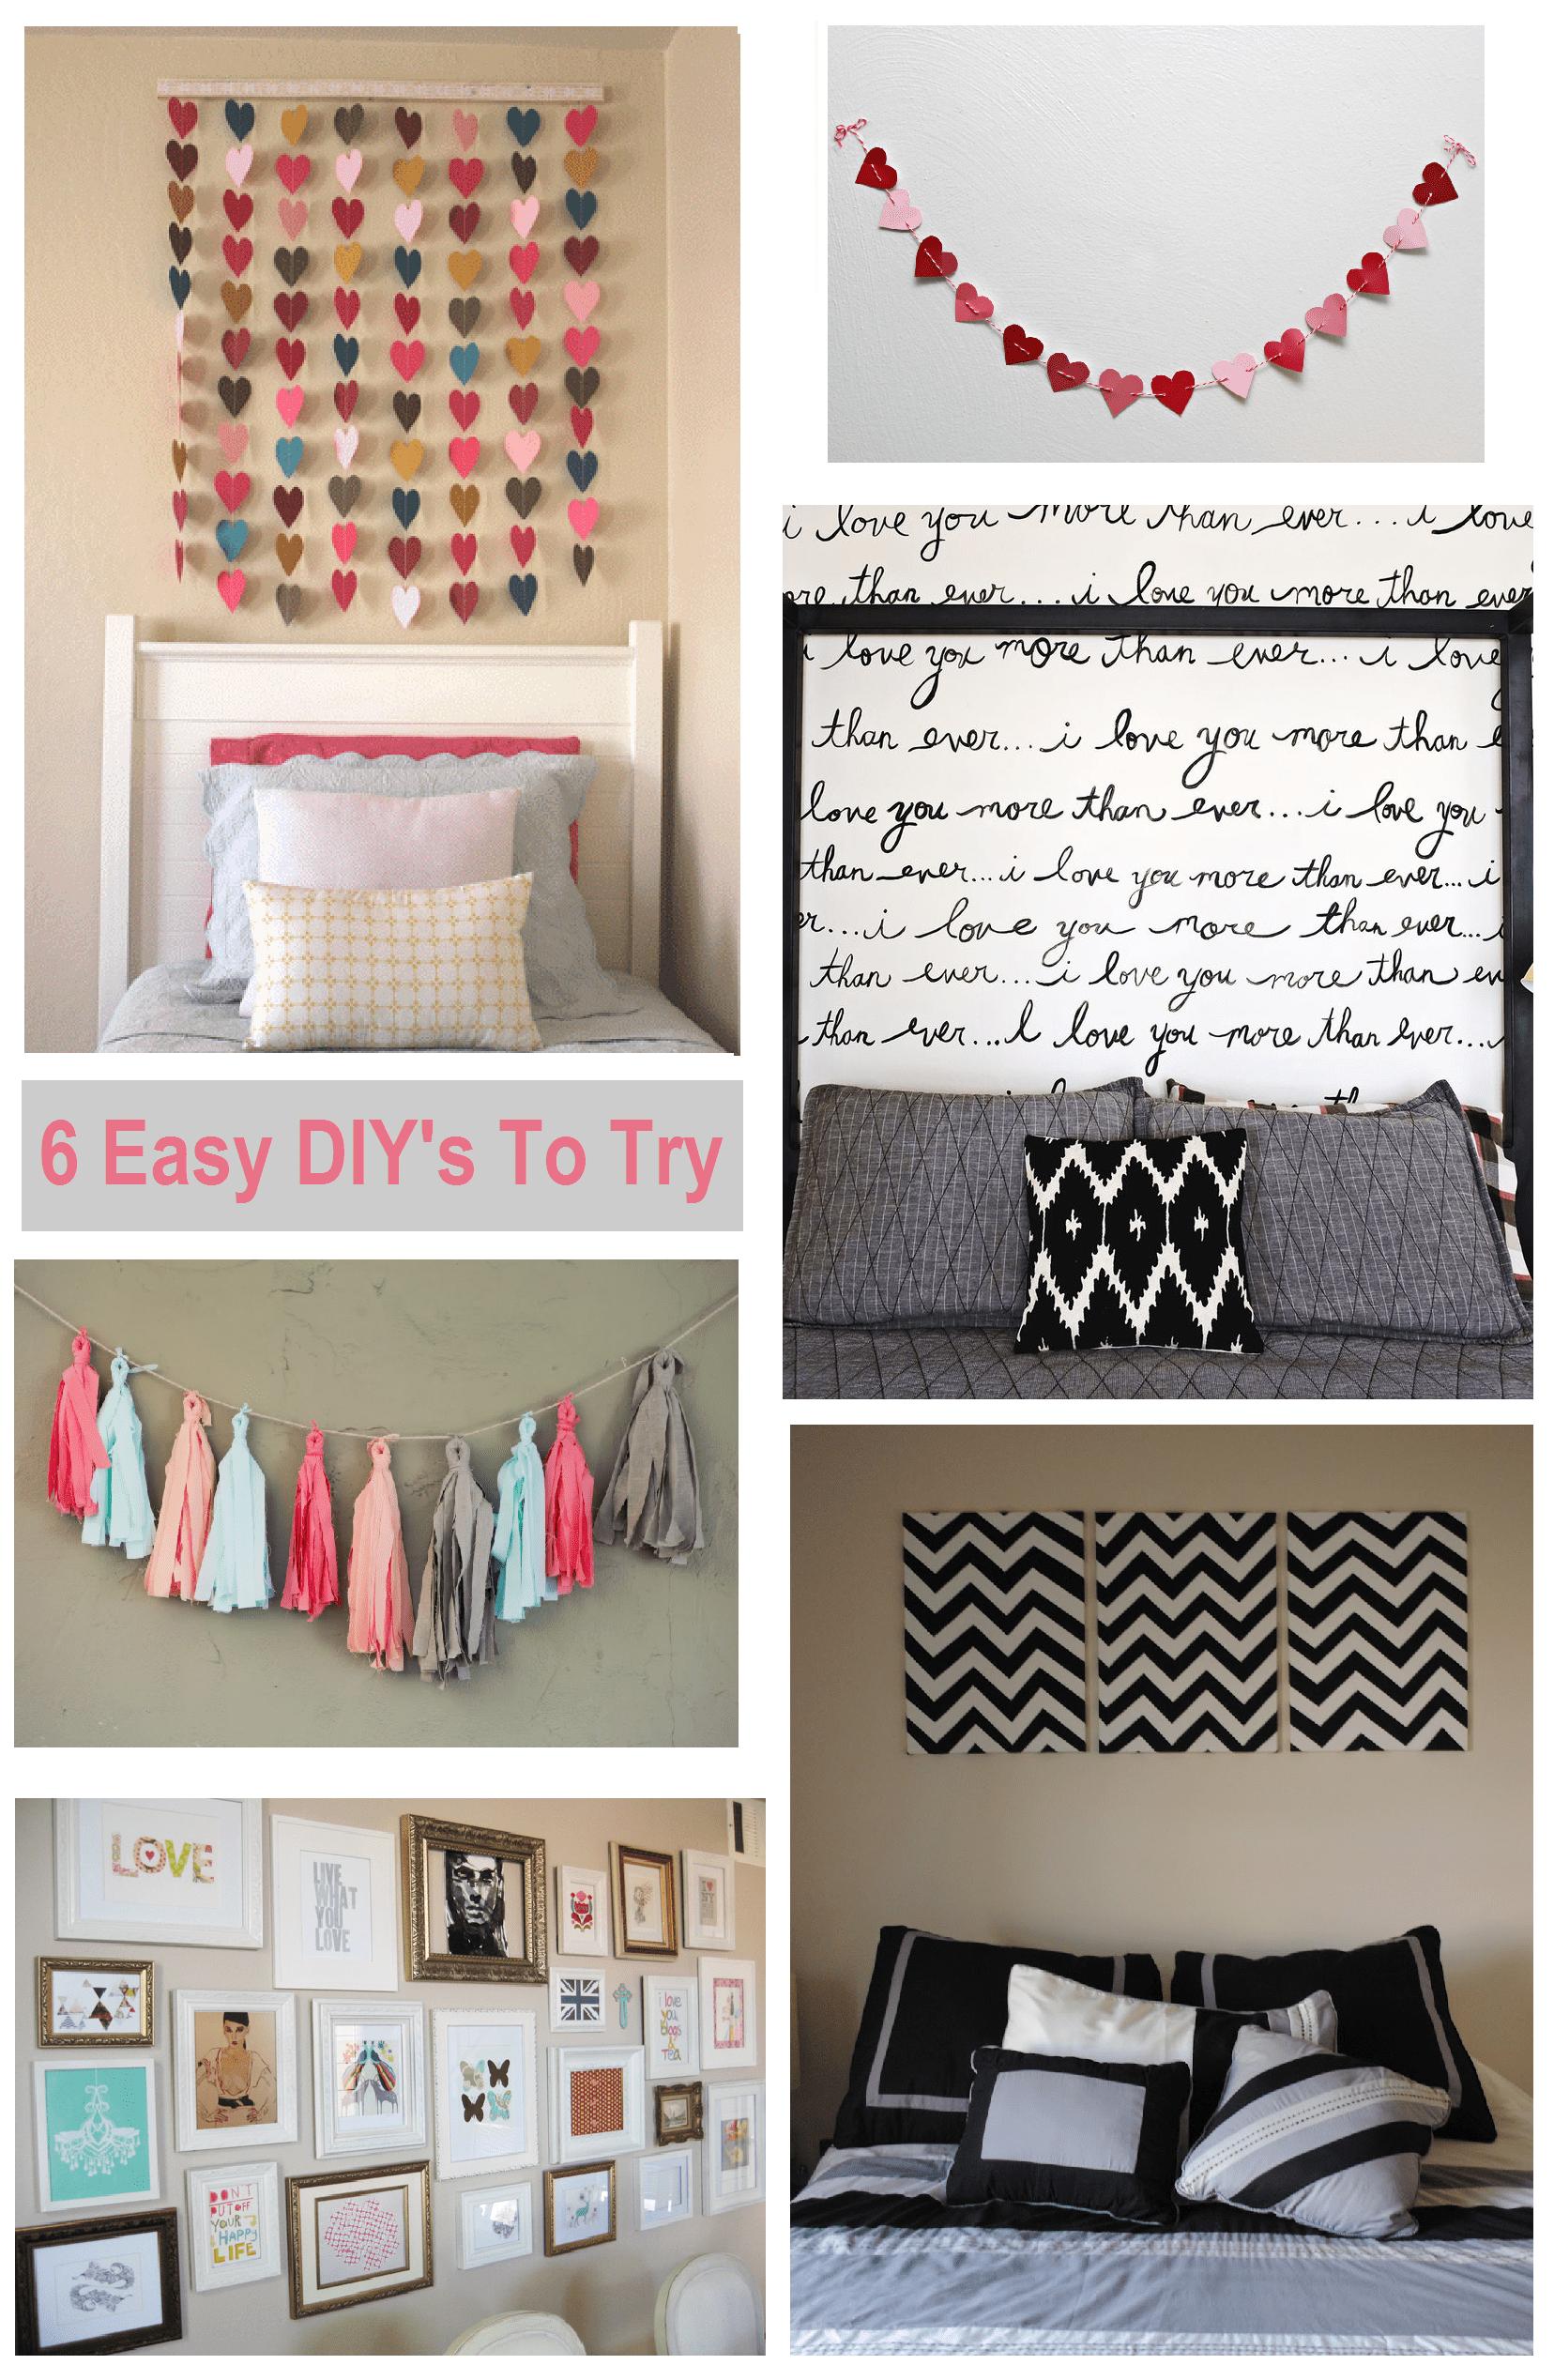 6 Diy Bedroom Wall Art Ideas